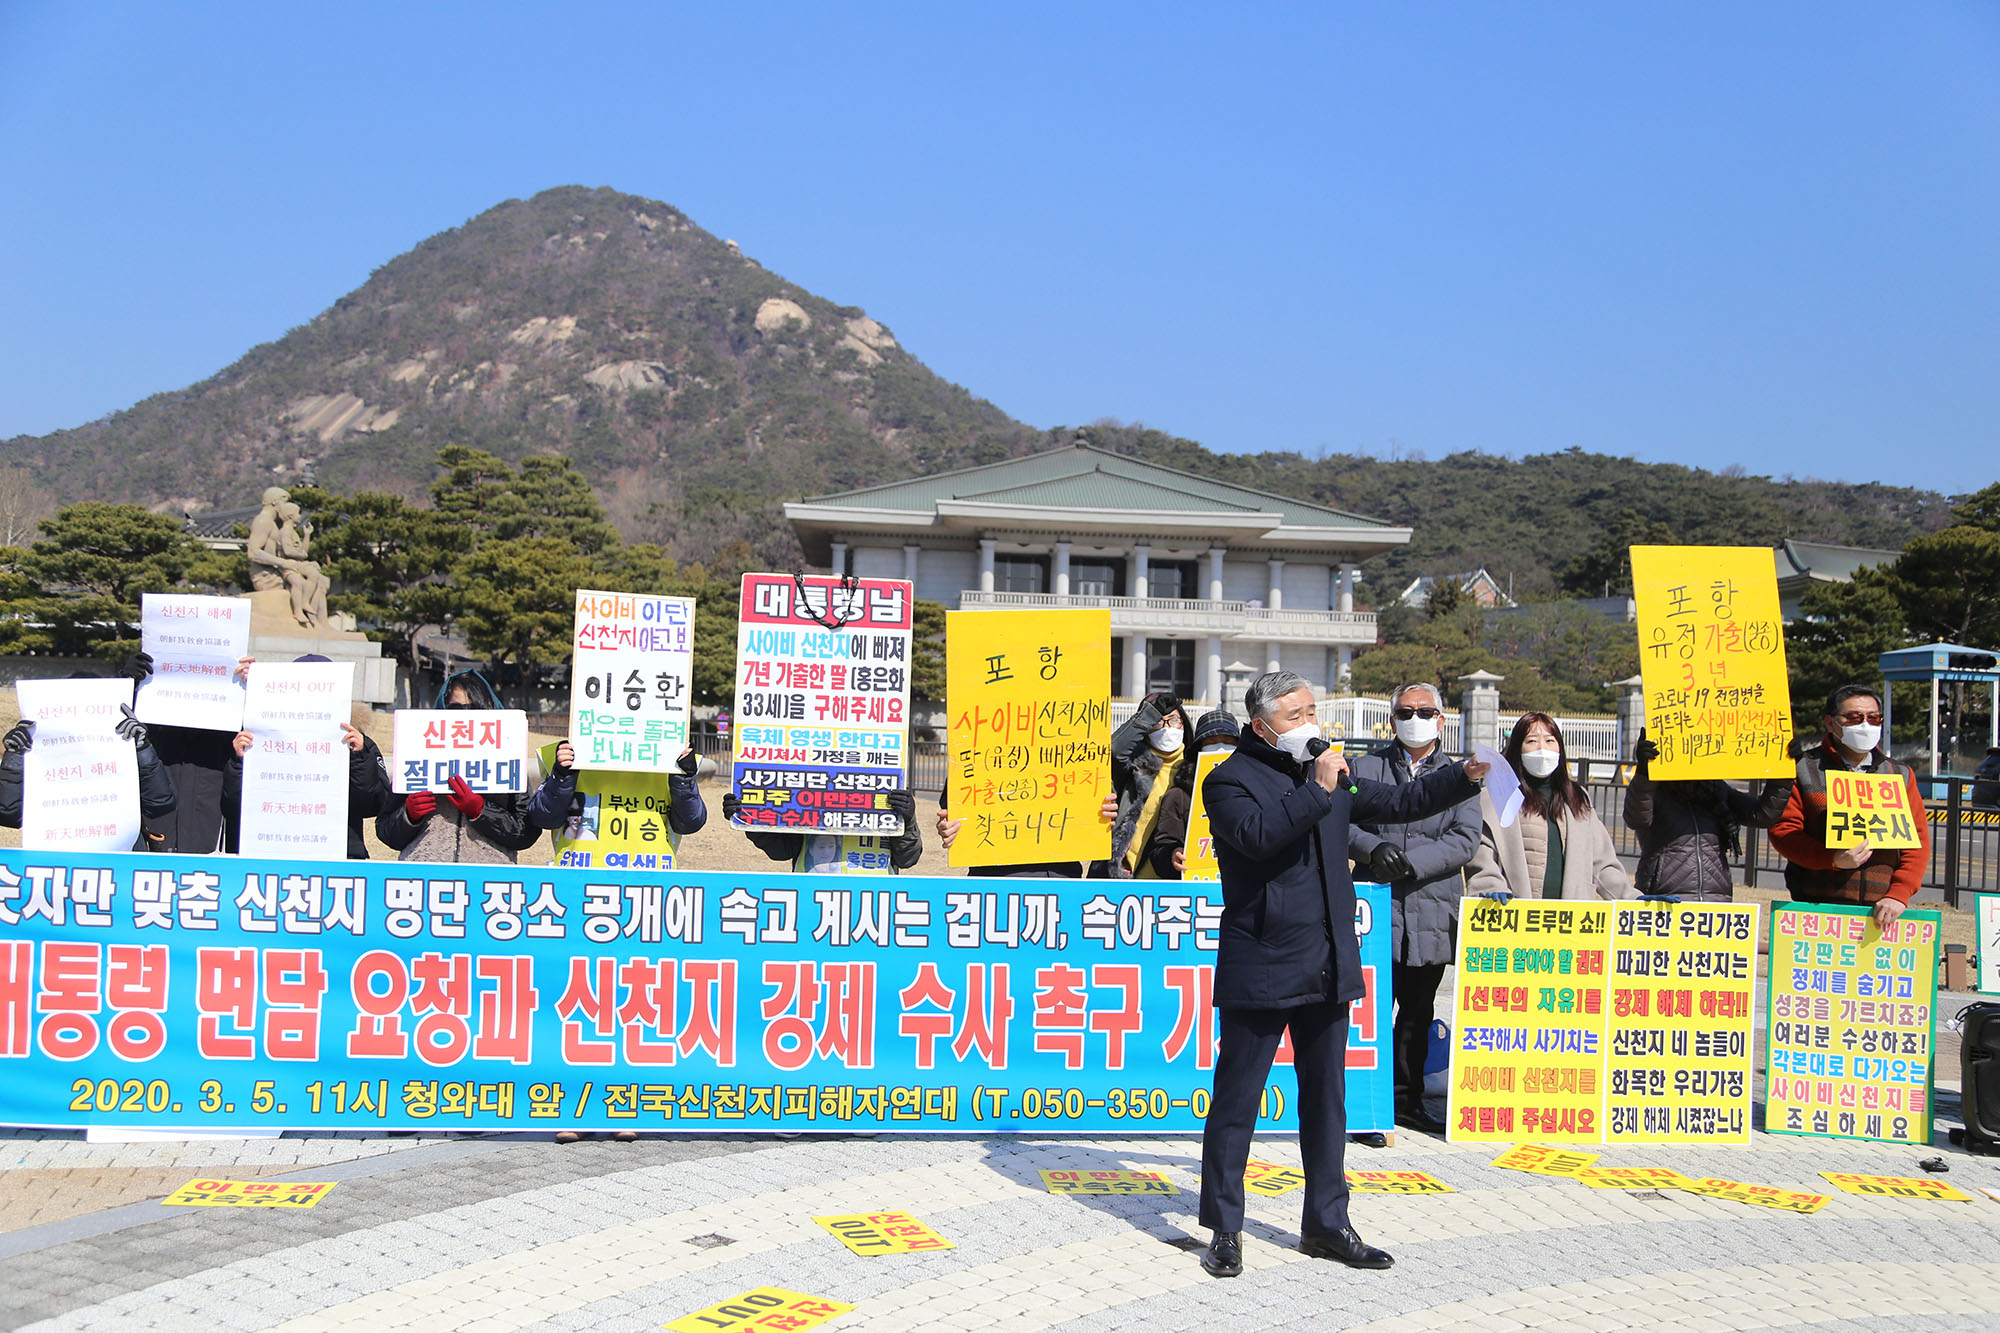 전국신천지피해자대책연합(전피연) 기자회견